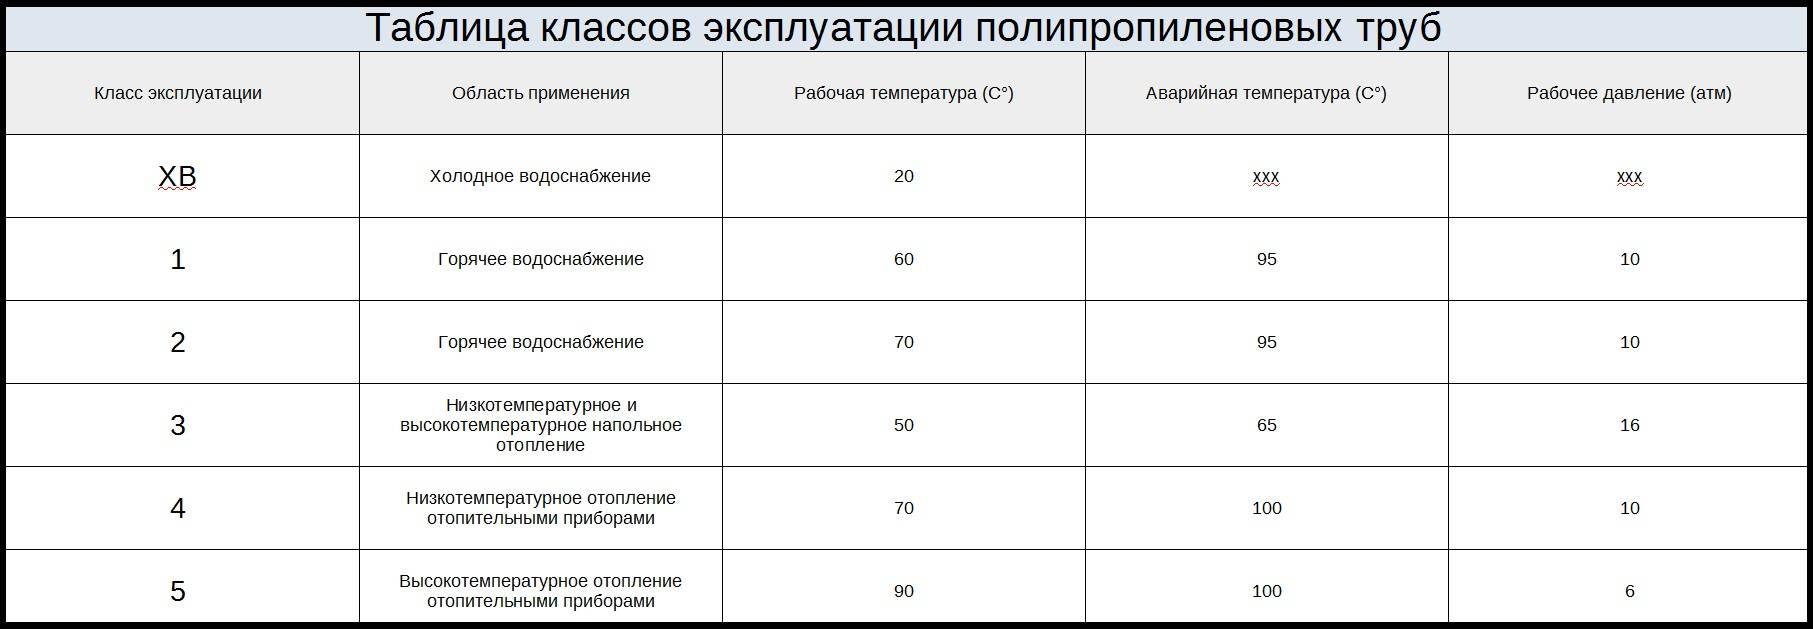 Трубы полипропиленовые для отопления: технические характеристики и критерии выбора